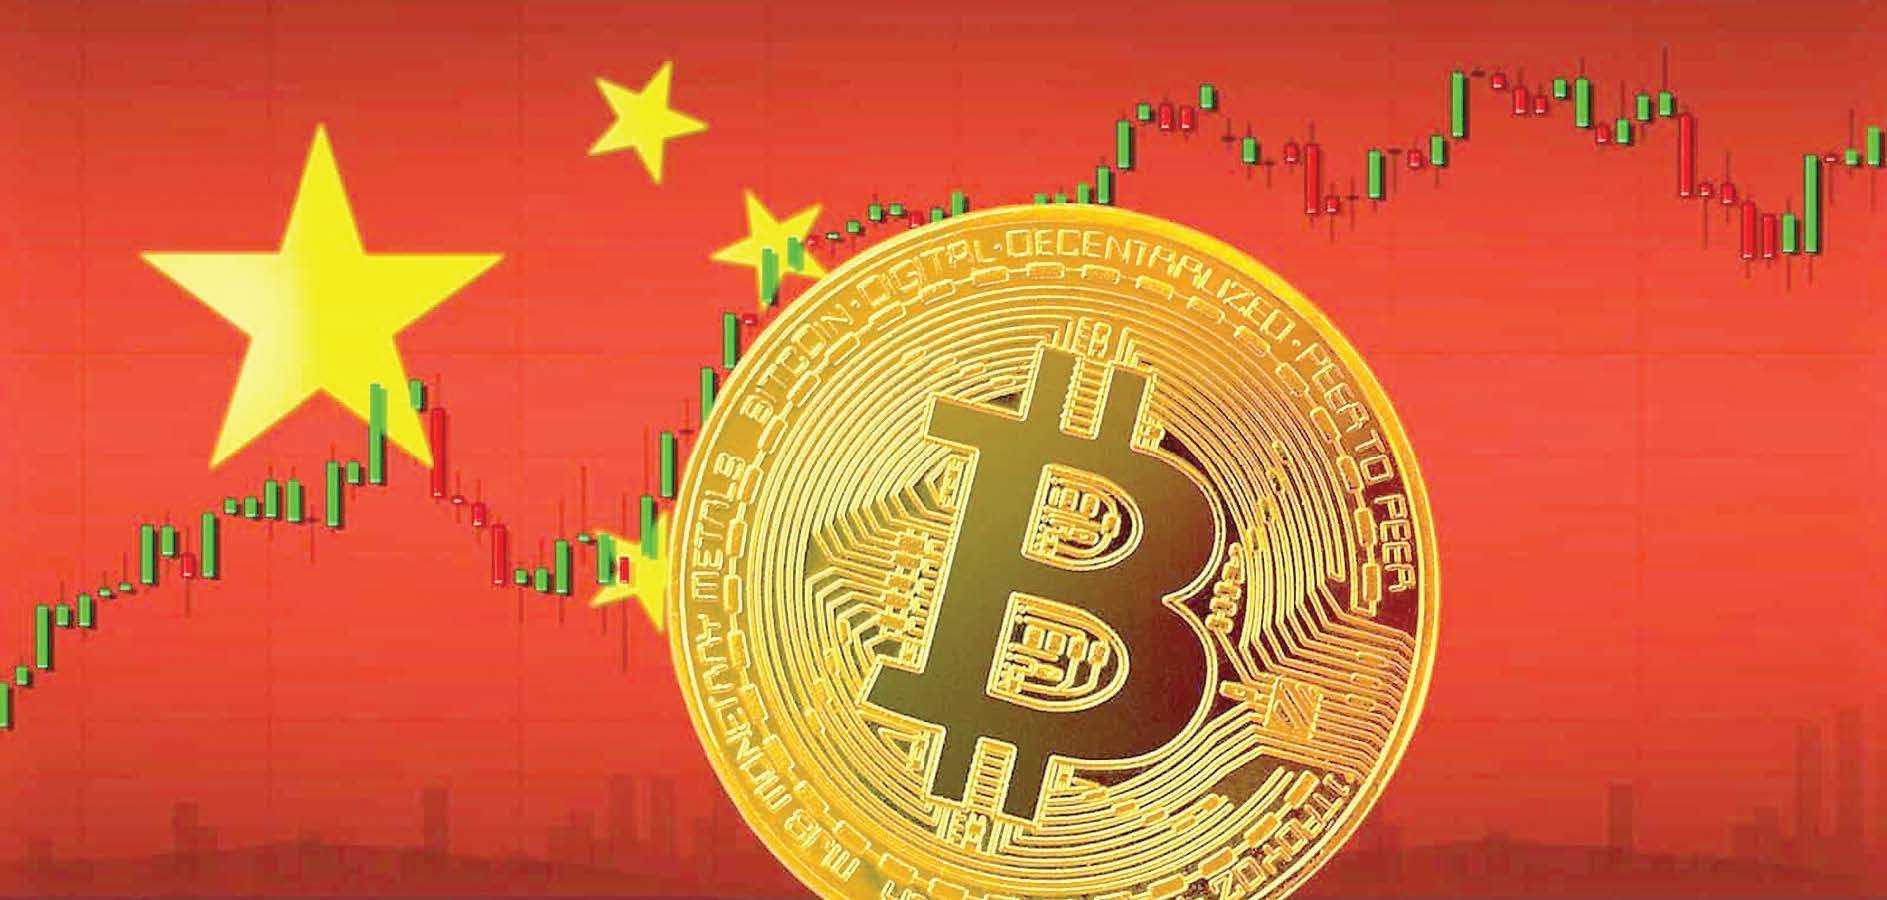 Tiongkok Tangkap 1.100 Investor yang Diduga Cuci Uang di Aset Kripto